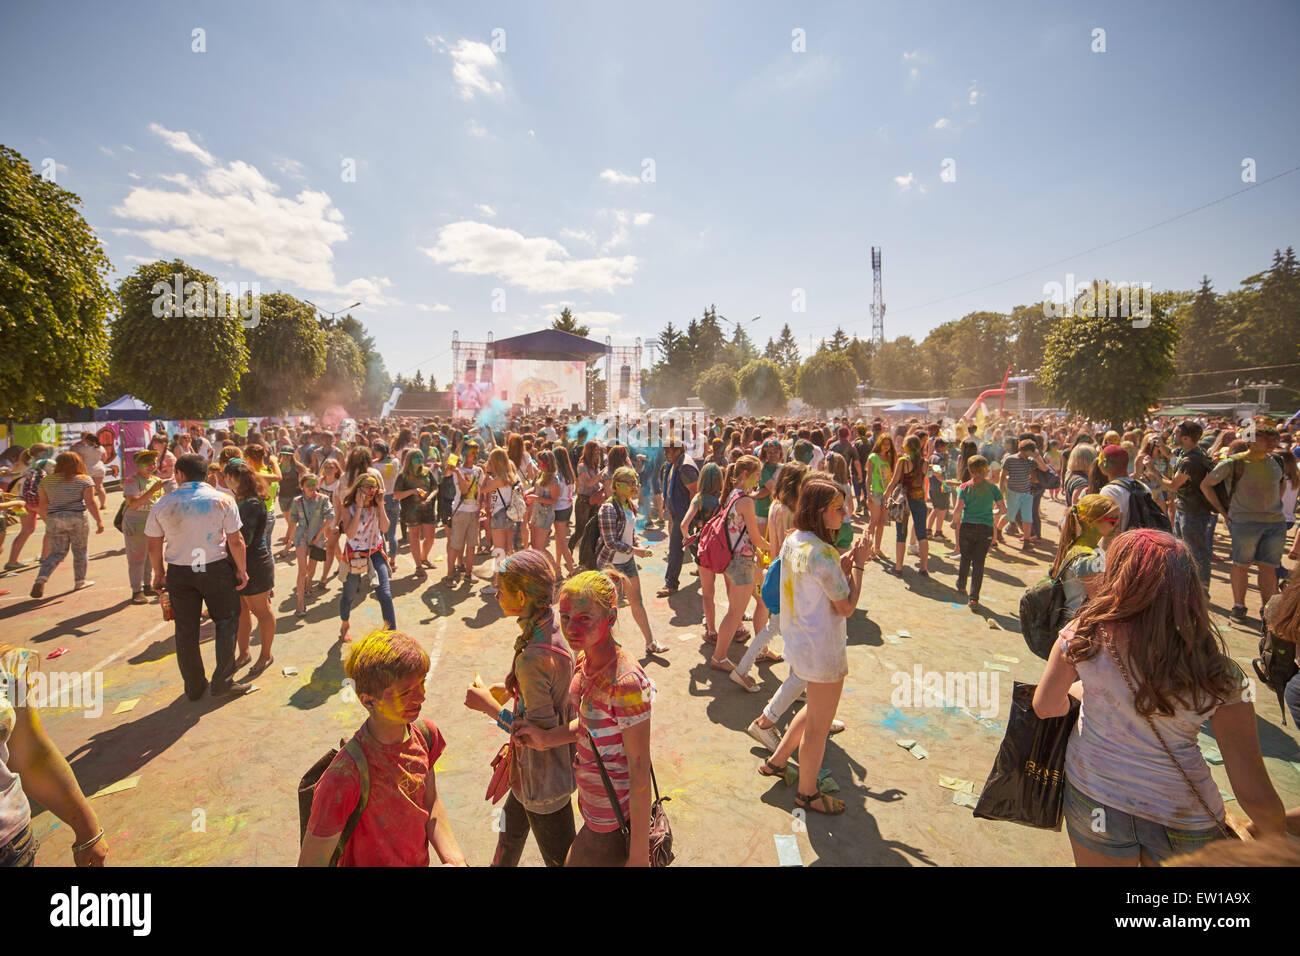 KALININGRAD, RUSSIE - 12 juin 2015: Les gens avec des visages peints au cours de l'Holi Festival de couleurs Photo Stock